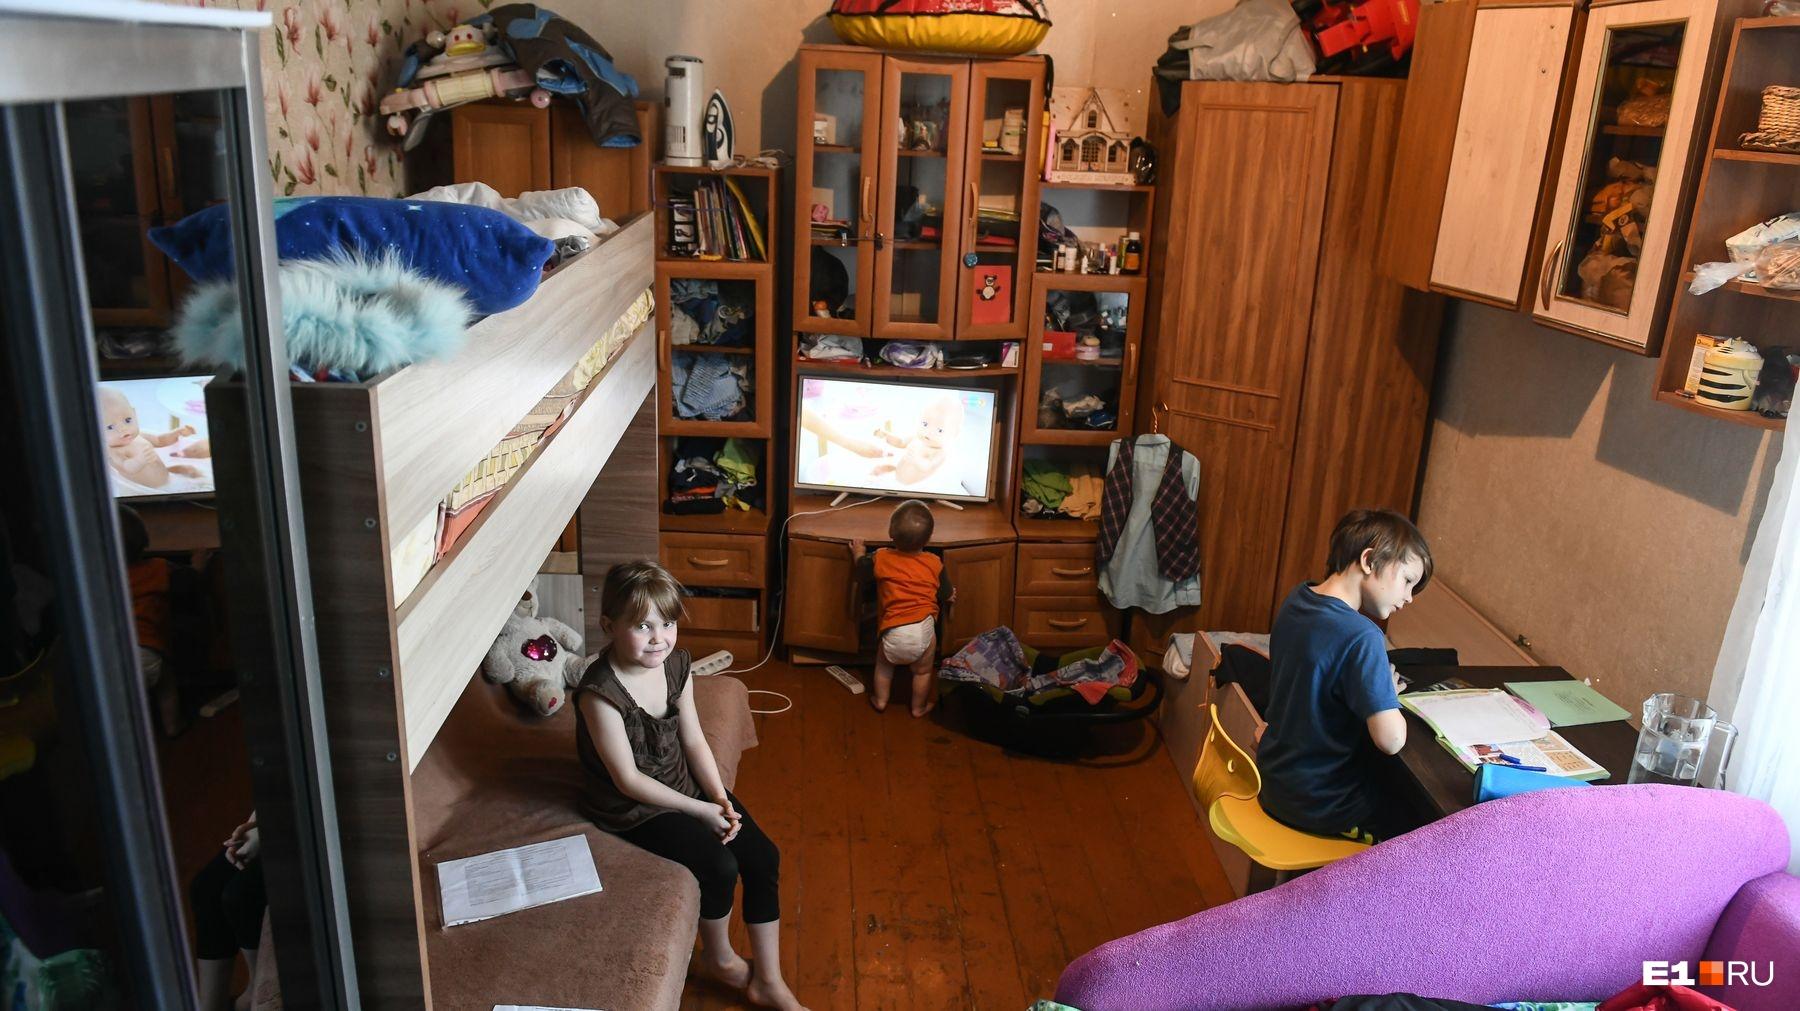 В комнате Светланы случился потоп из-за аварии, пока она живет у свекрови на соседнем этаже